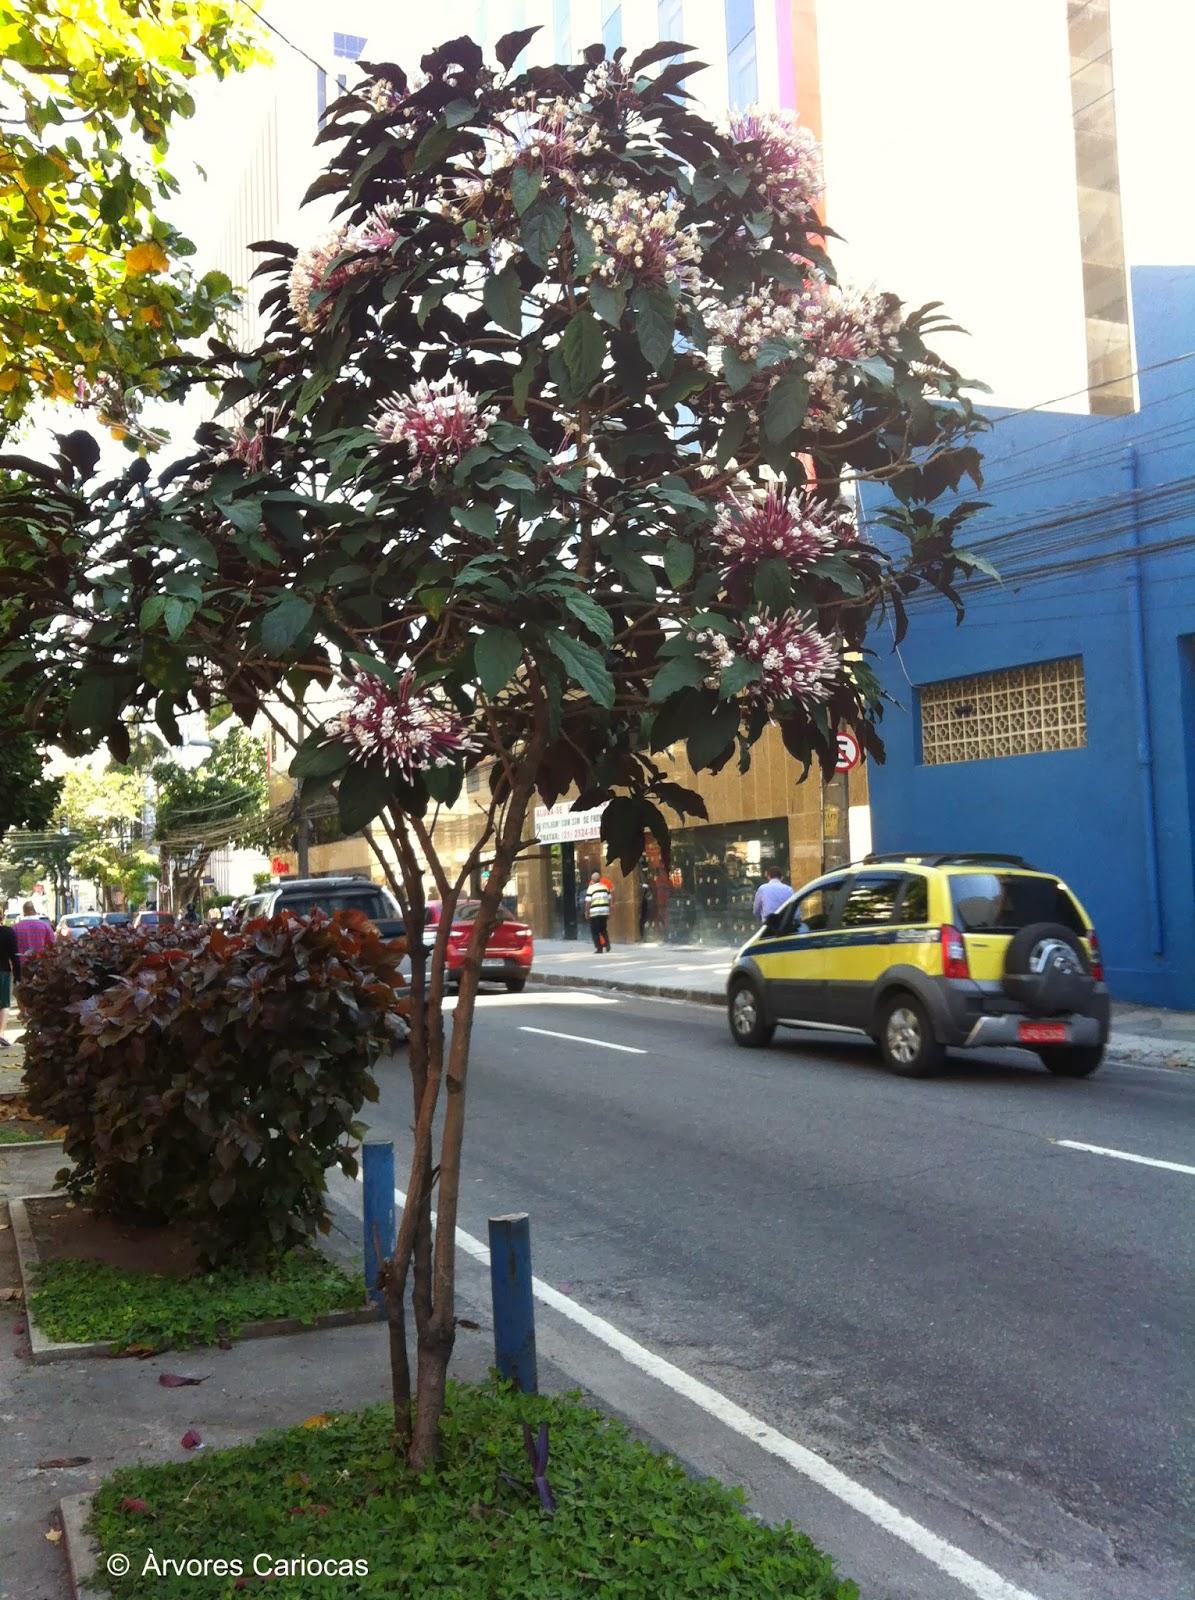 Fotos De Arvores Com Flores Amarelas - 7 Árvores excepcionais de outro mundo HypeScience